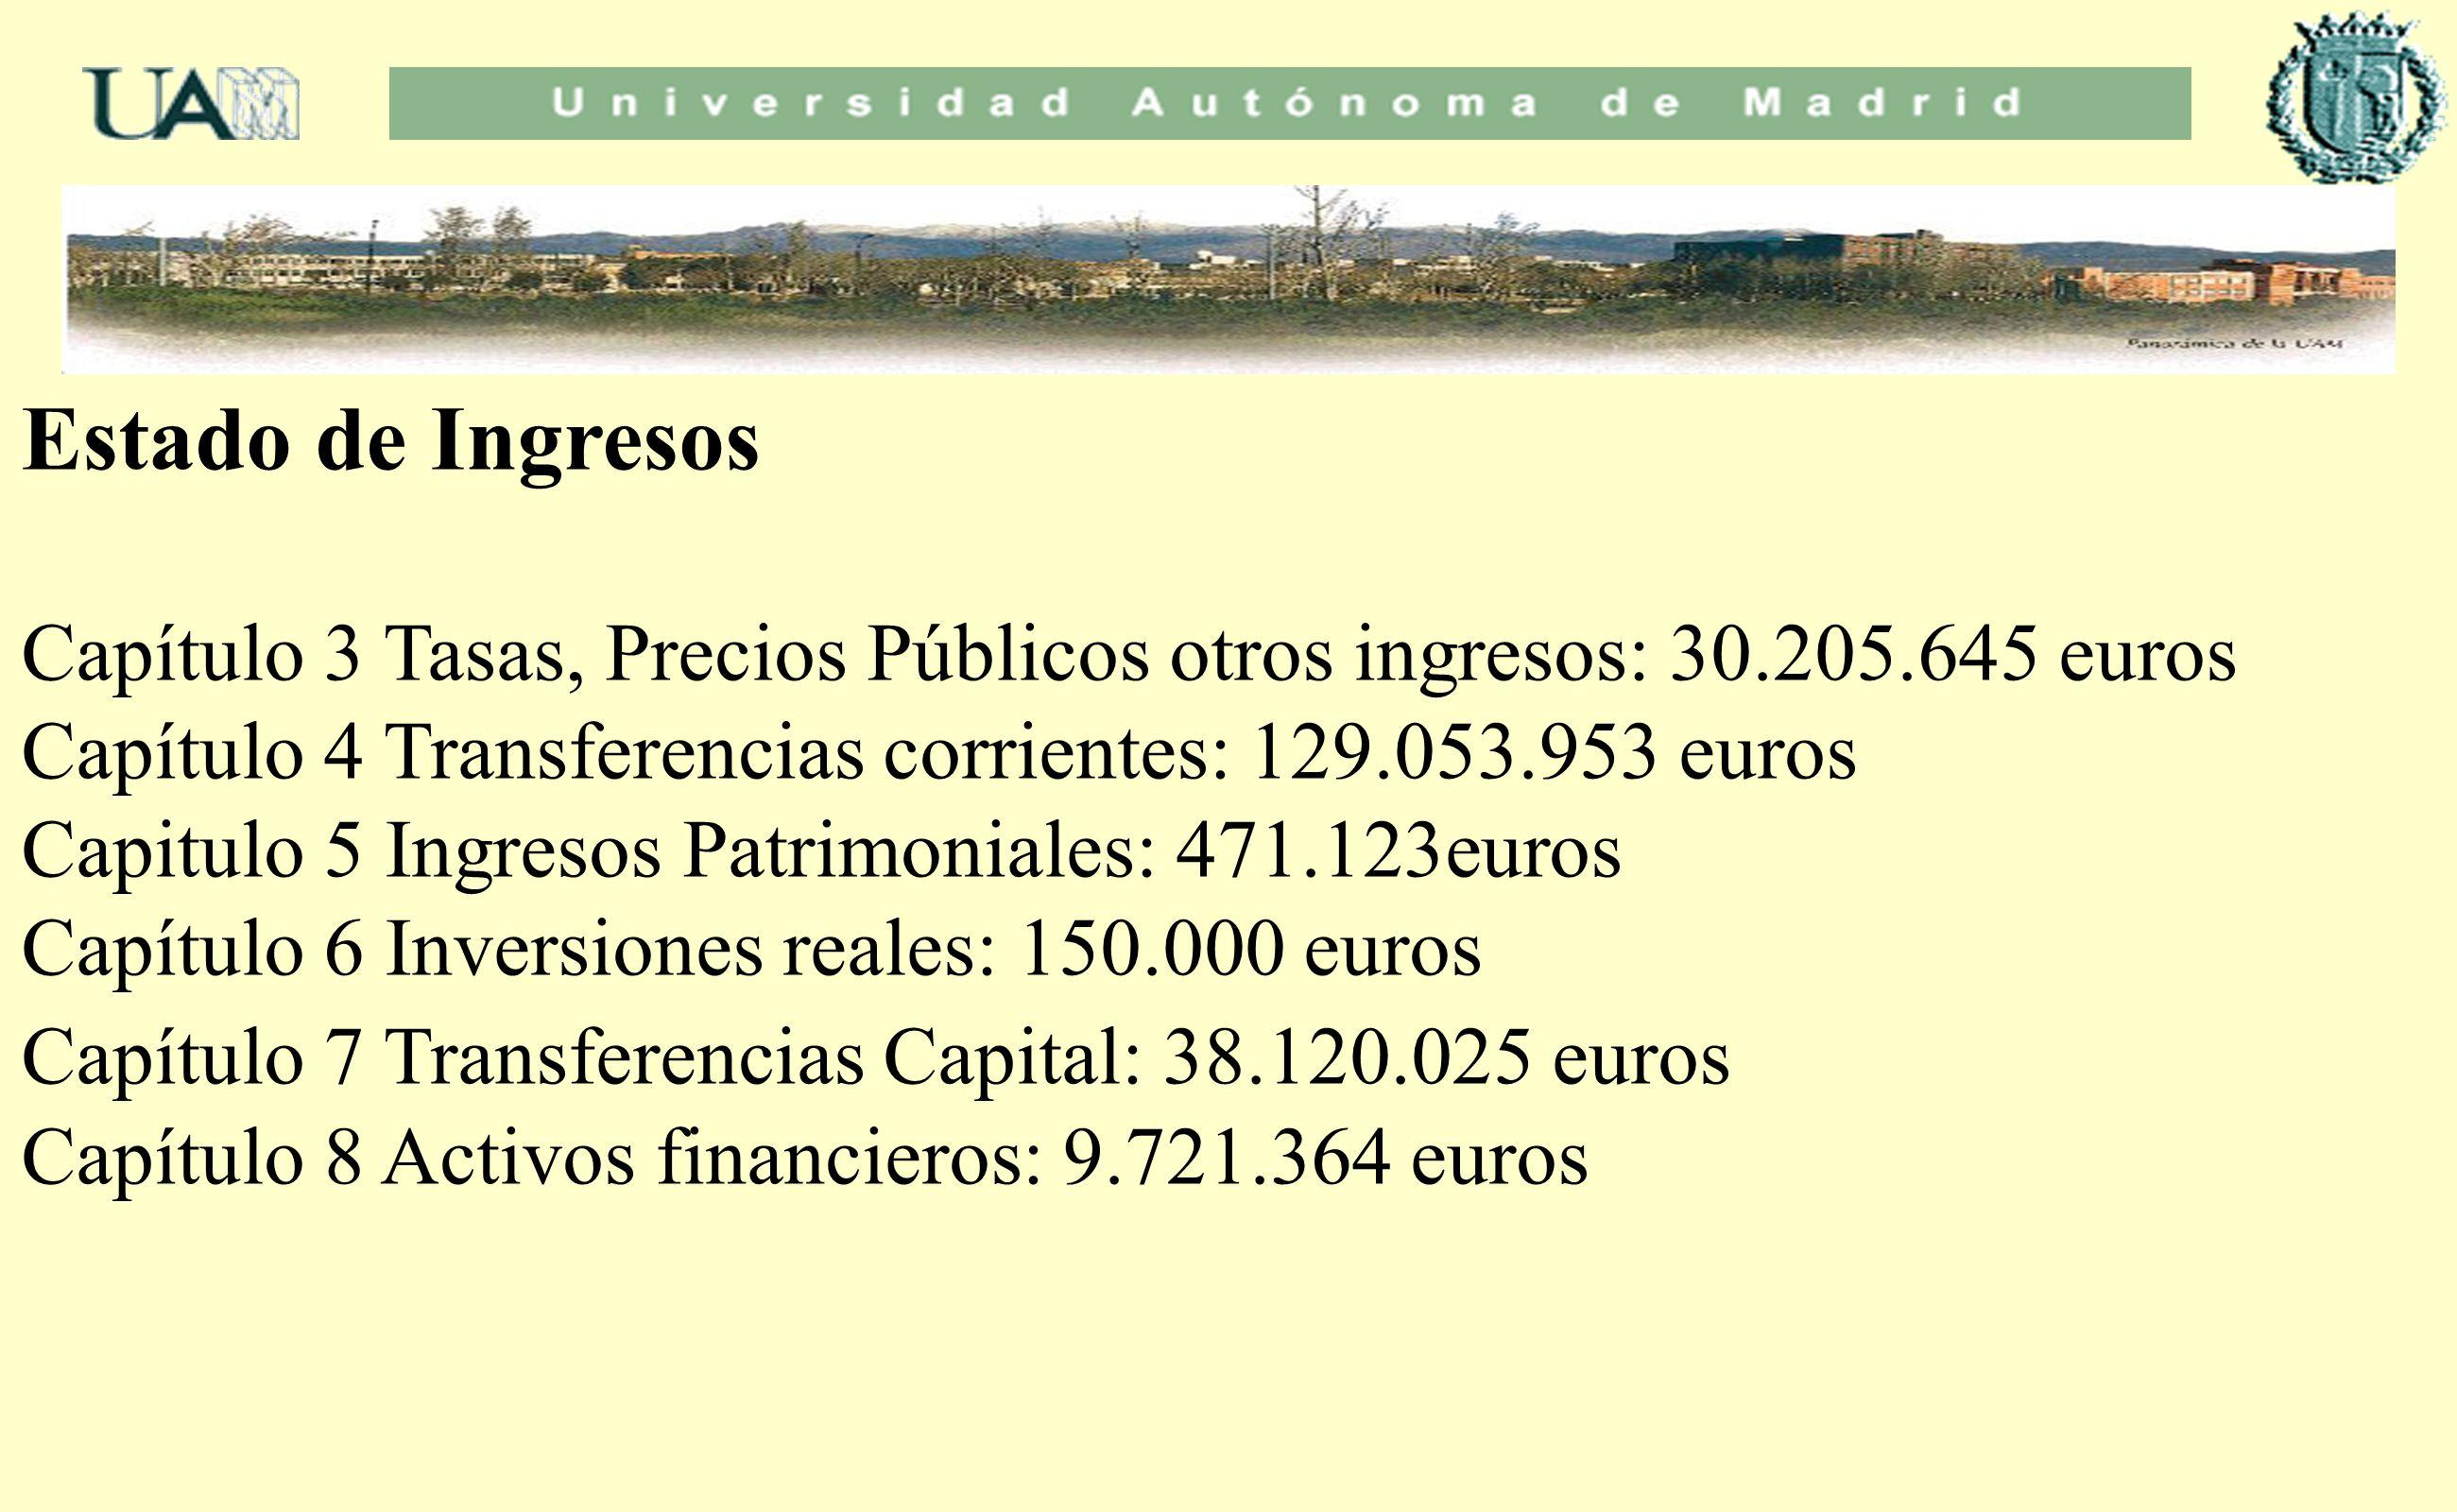 Estado de Ingresos Capítulo 3 Tasas, Precios Públicos otros ingresos: 30.205.645 euros Capítulo 4 Transferencias corrientes: 129.053.953 euros Capitul